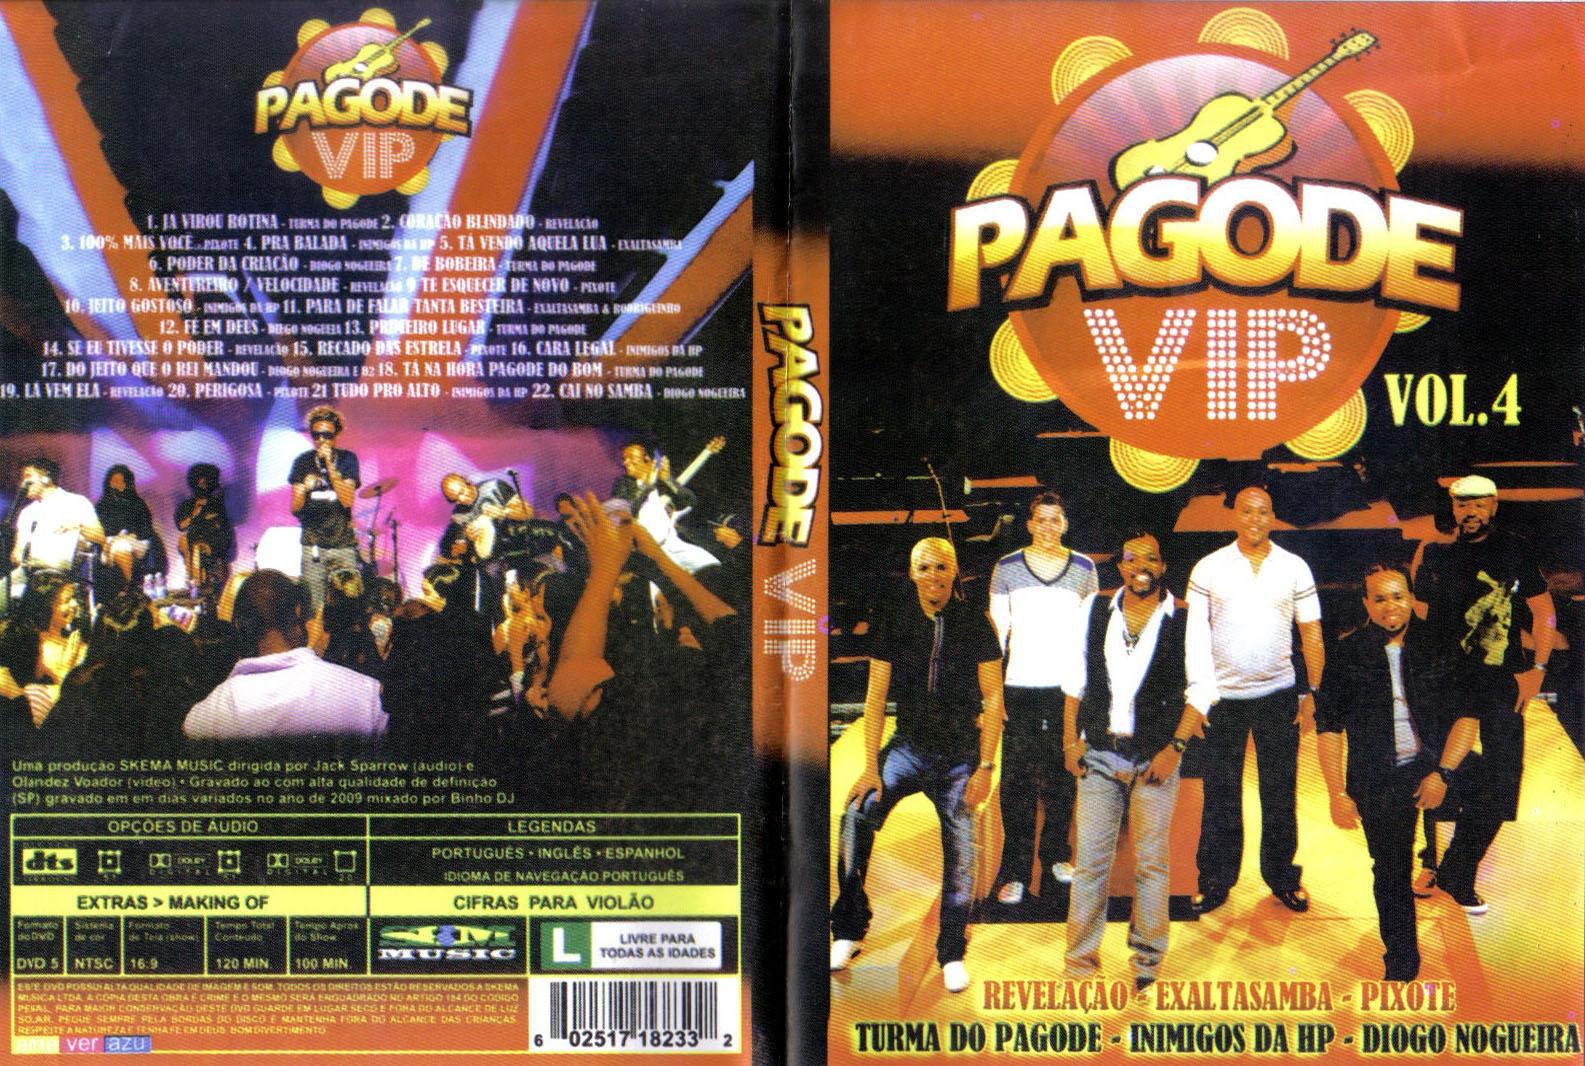 EXALTASAMBA DVD CD BAIXAR AUDIO 2010